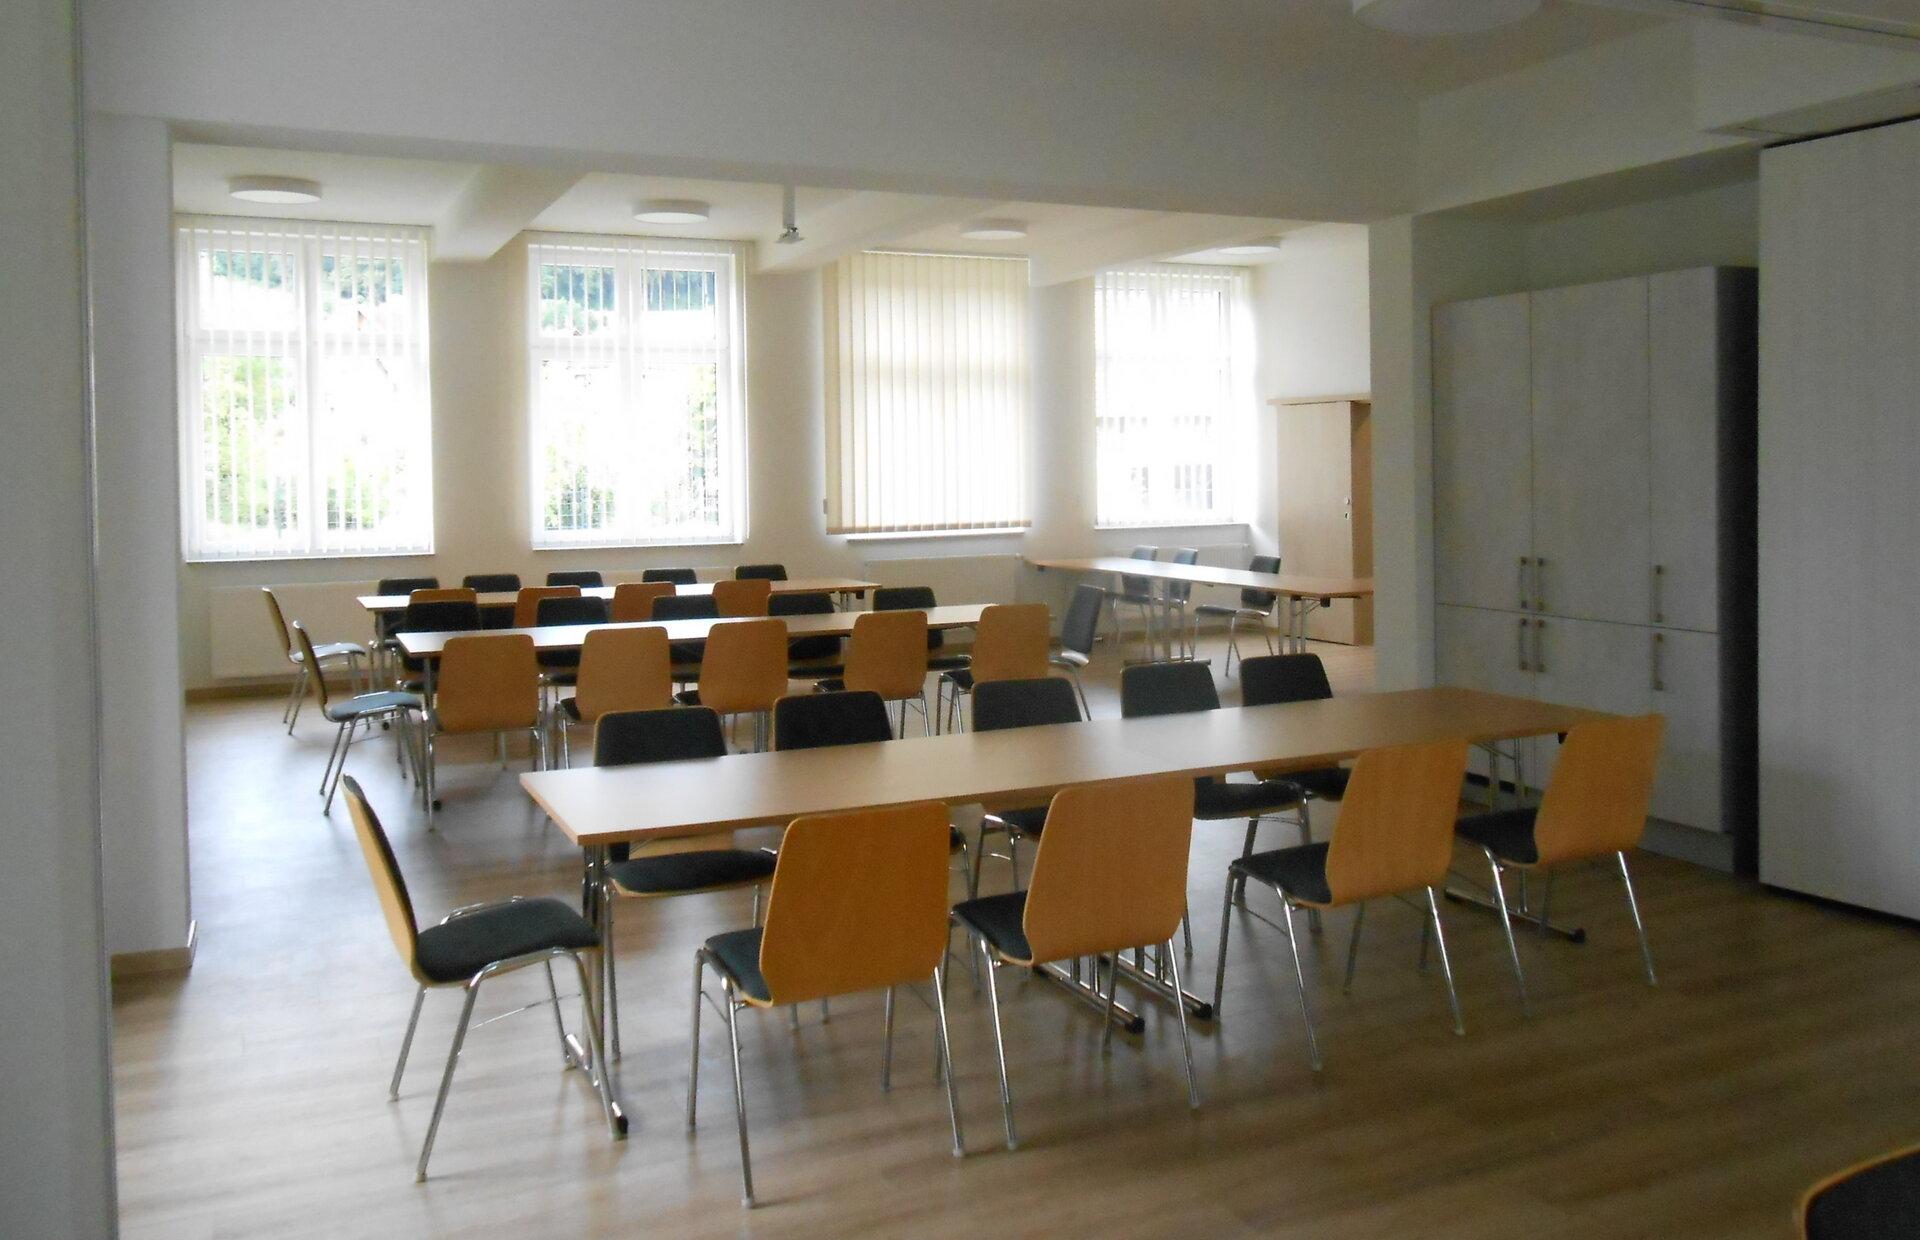 Die Räume verfügen über ausreichend Tische und Stühle